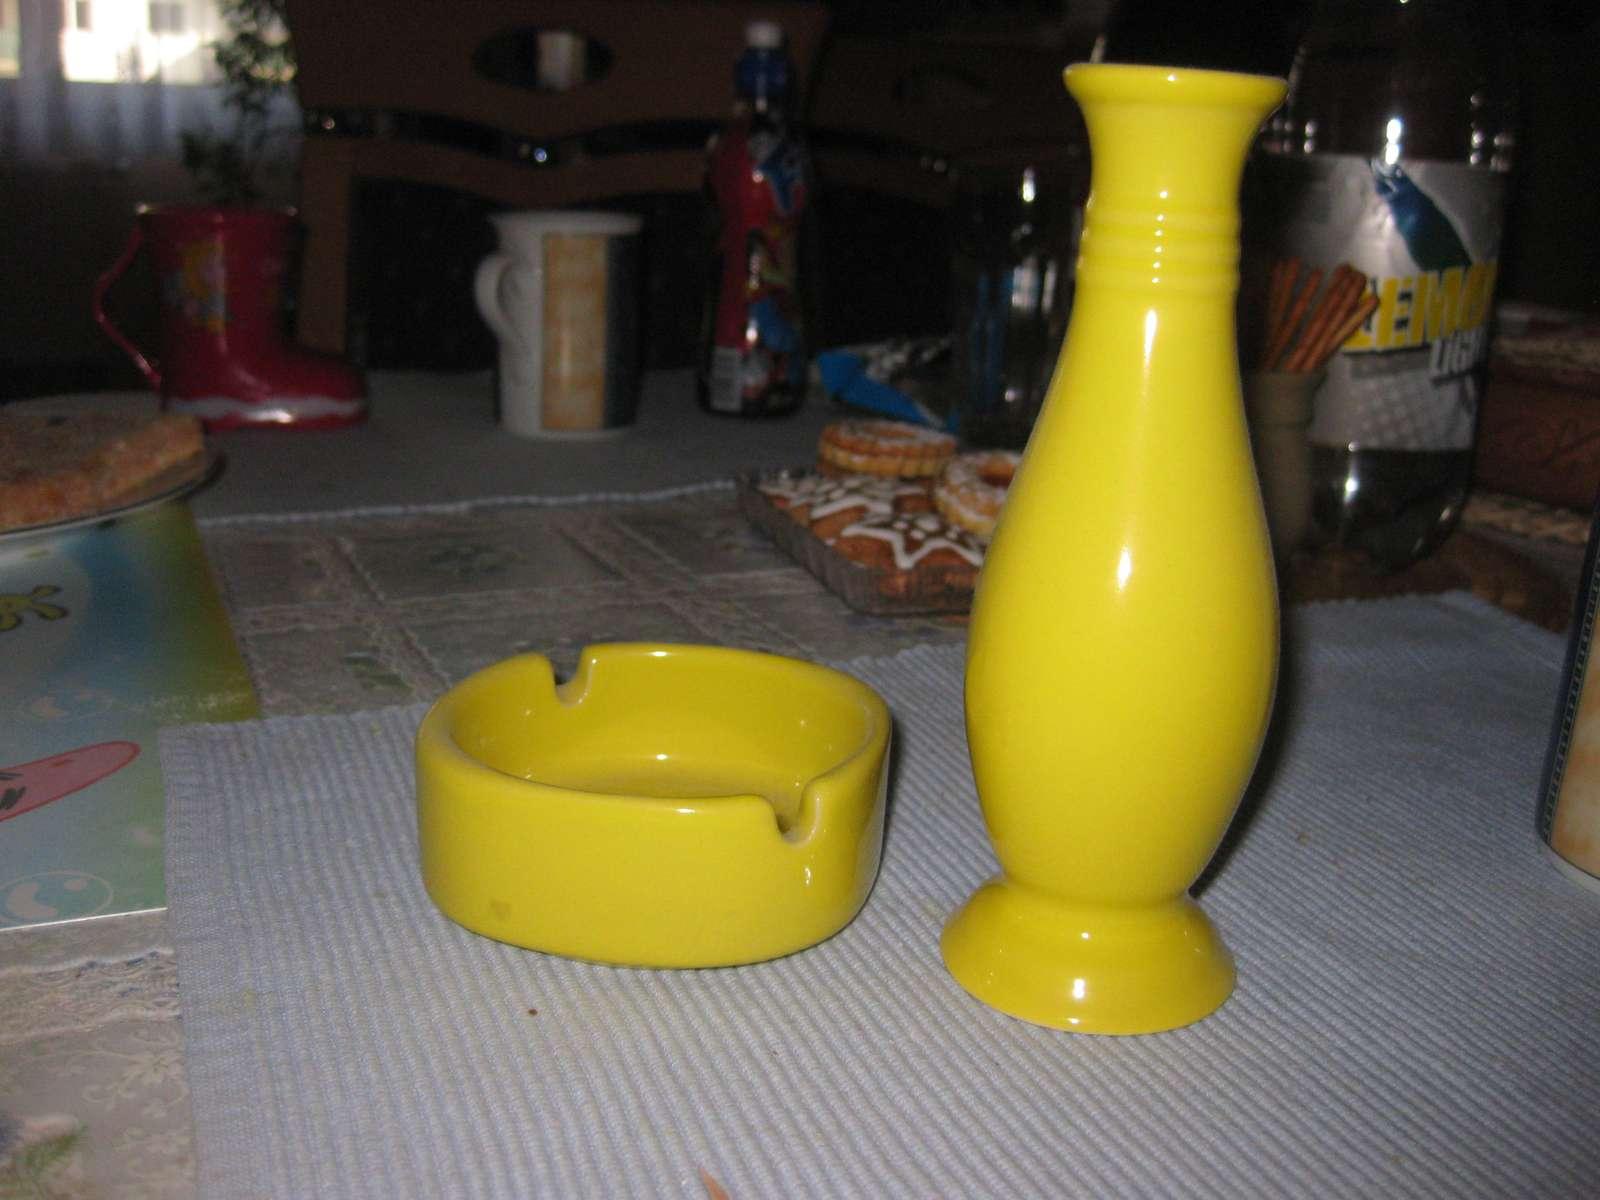 Mala vazicka s popolnikom, zlta farba - Obrázok č. 1